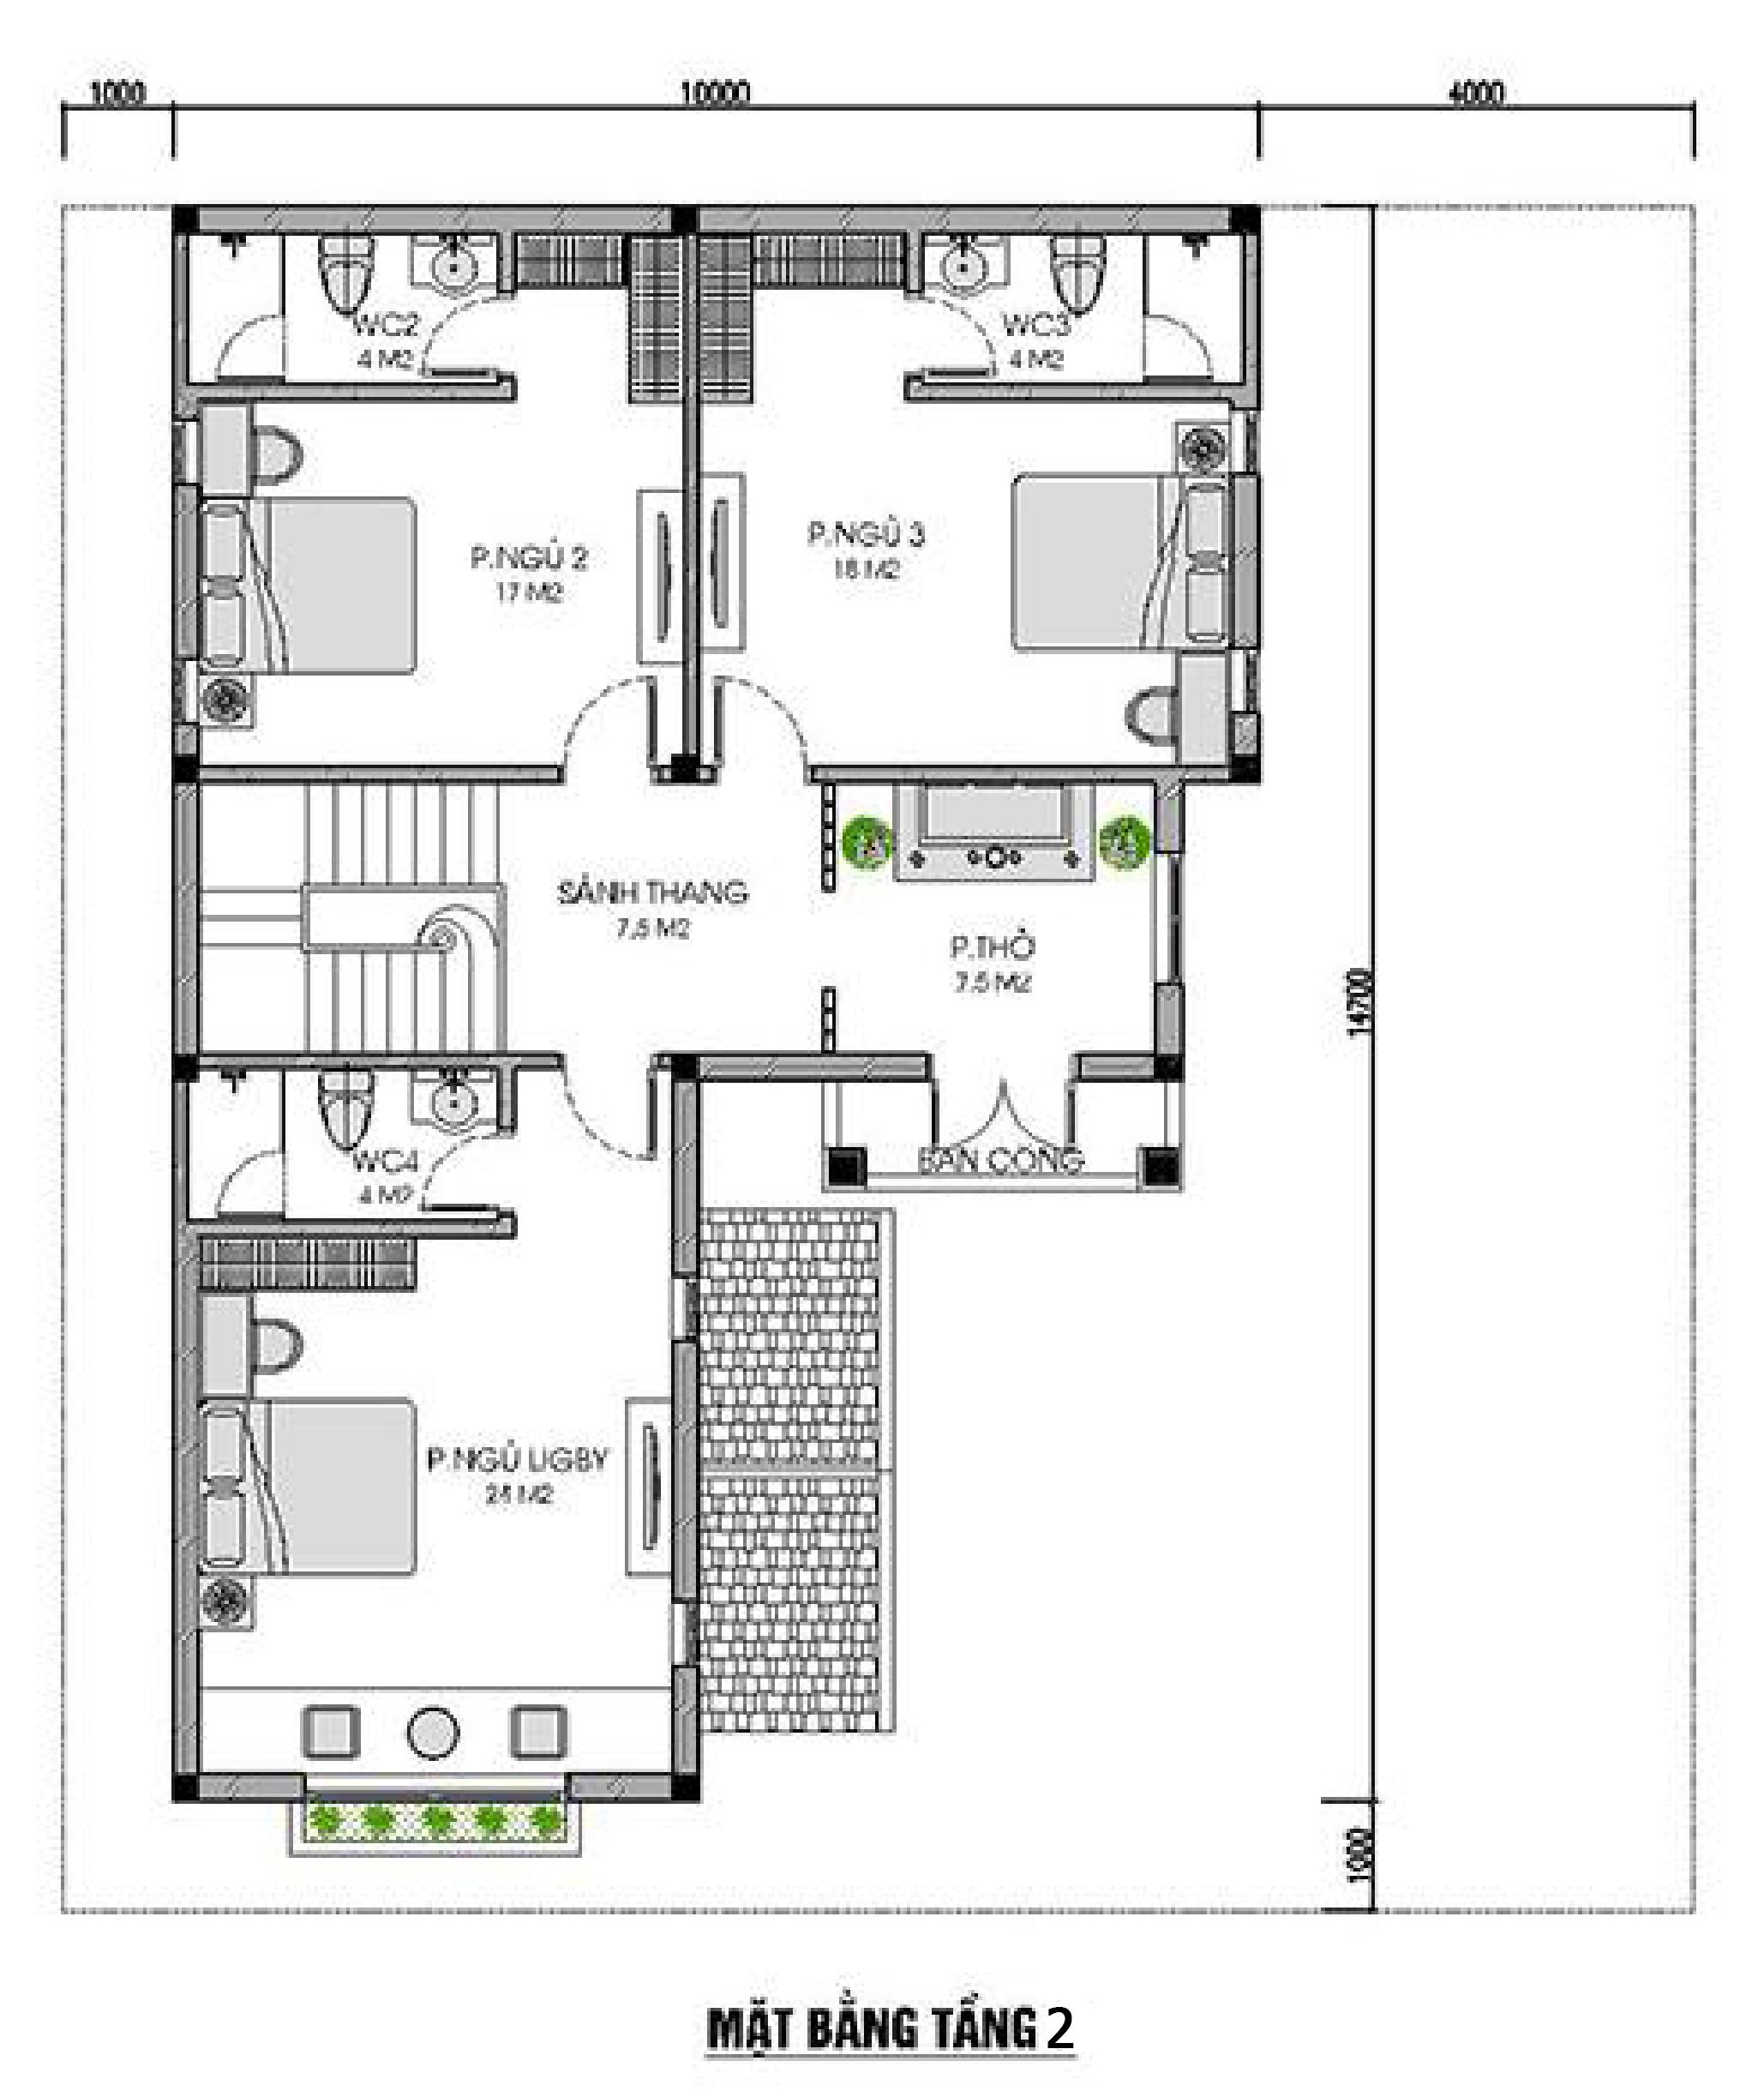 Mặt bằng mẫu biệt thự mái thái 2 tầng được ưa chuộng nhất tại Việt Nam  Biệt thự mái thái – Mẫu Thiết kế được ưa chuộng và phù hợp khí hậu VN mau biet thu 2 tang dep 2 2